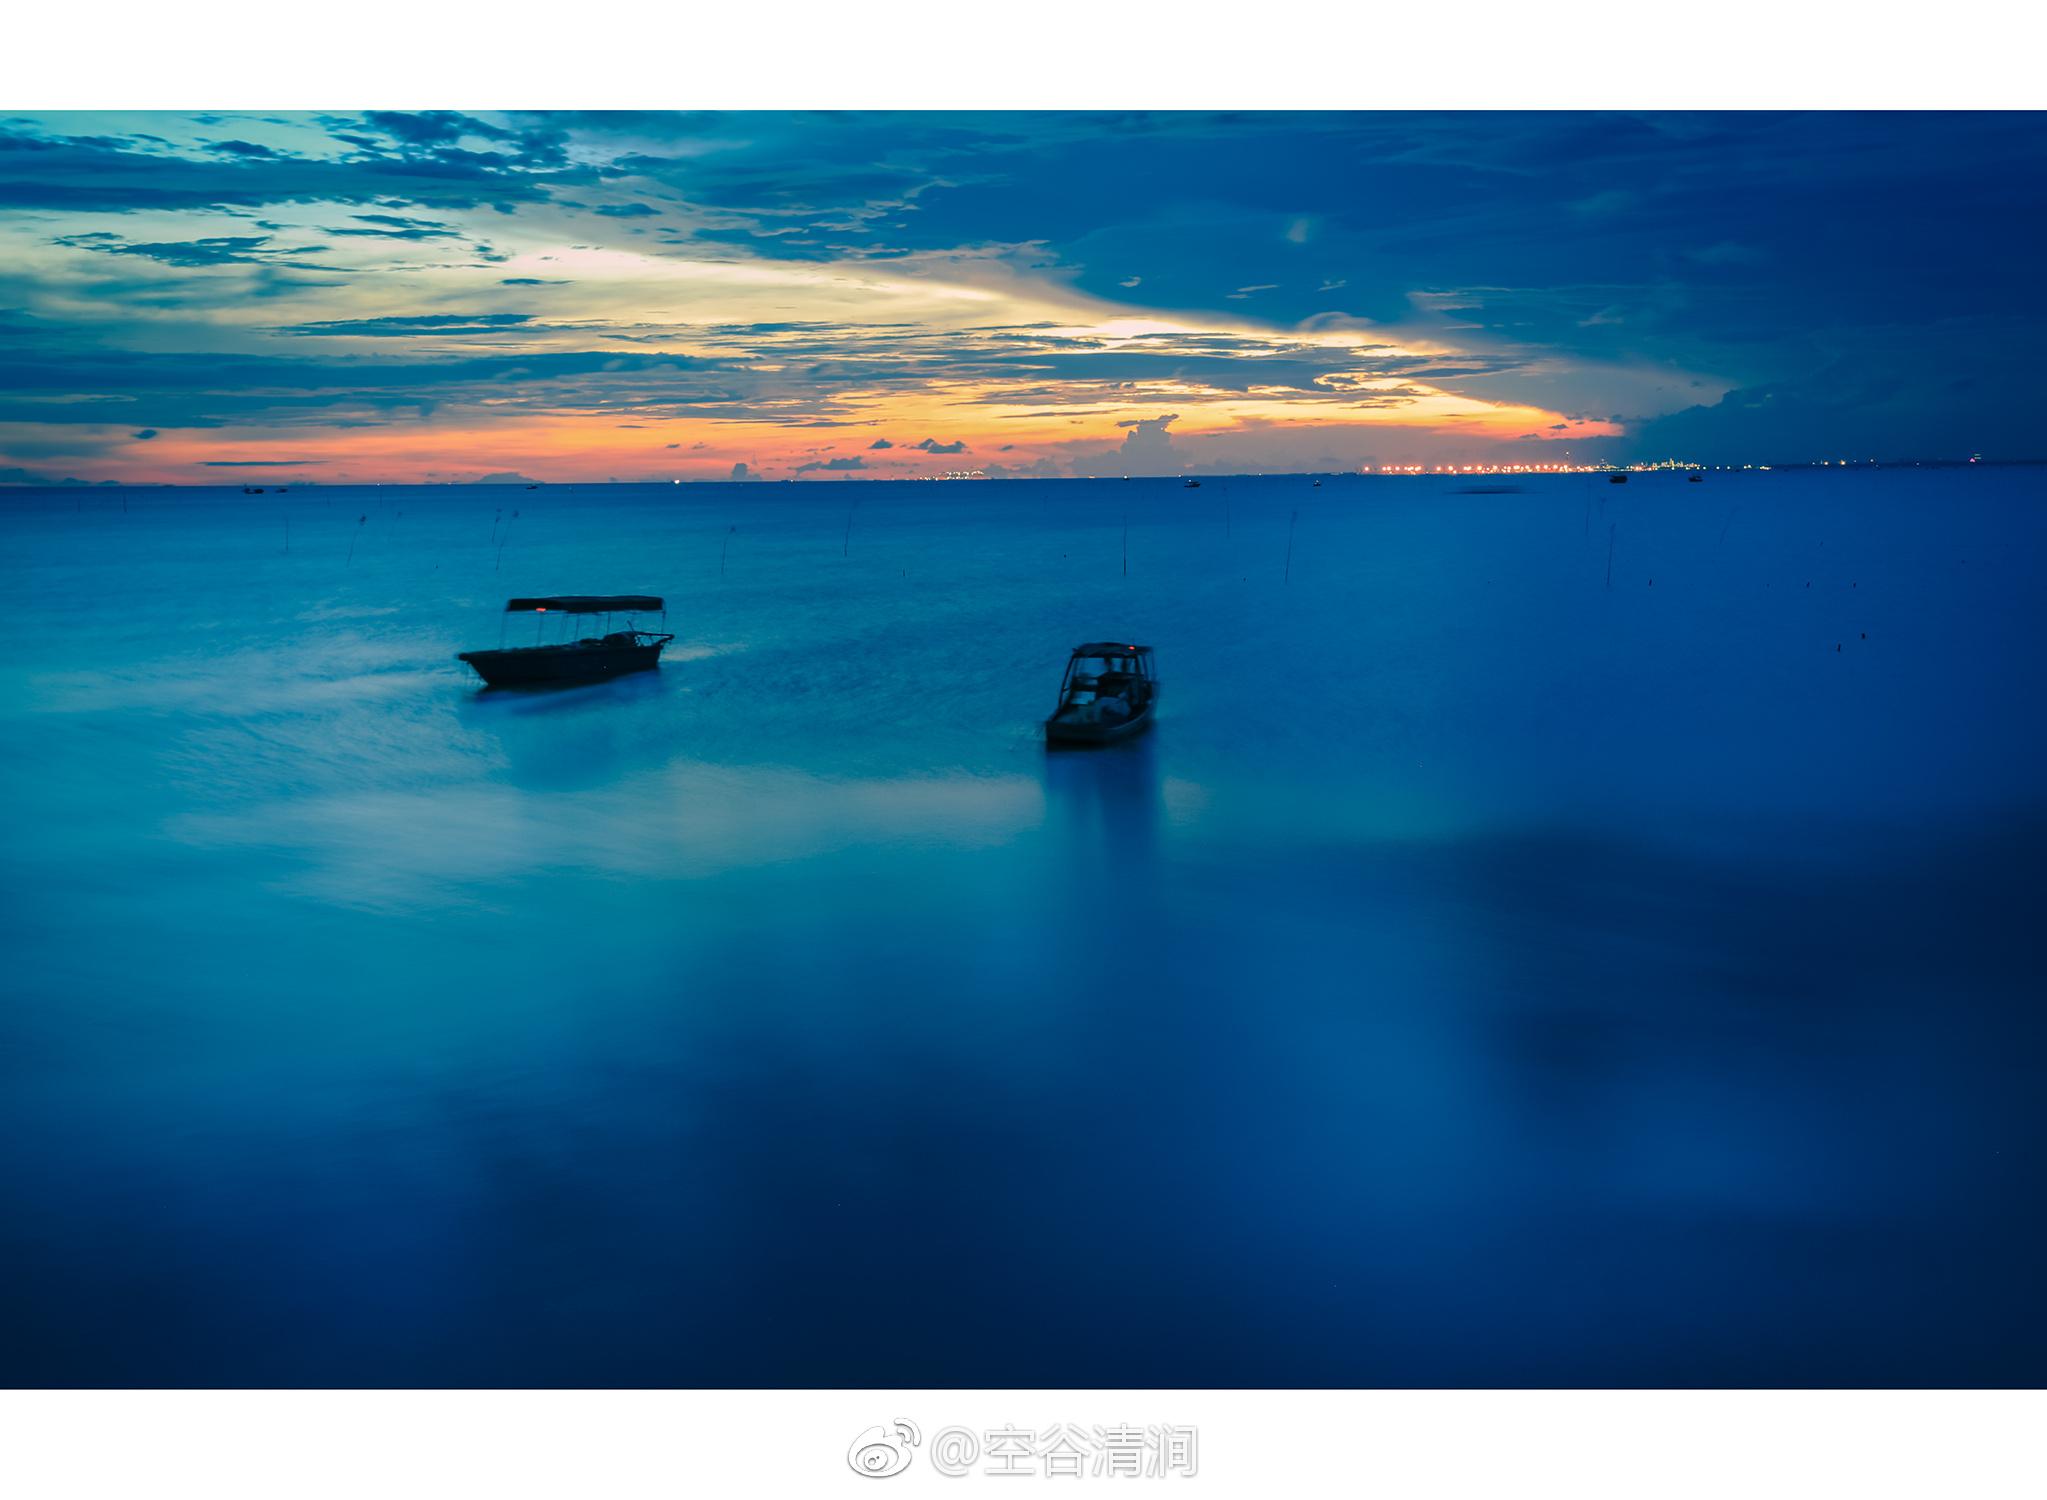 故乡的海每一次相遇都会欣喜每一次离别都会不舍日出日暮每一个图片